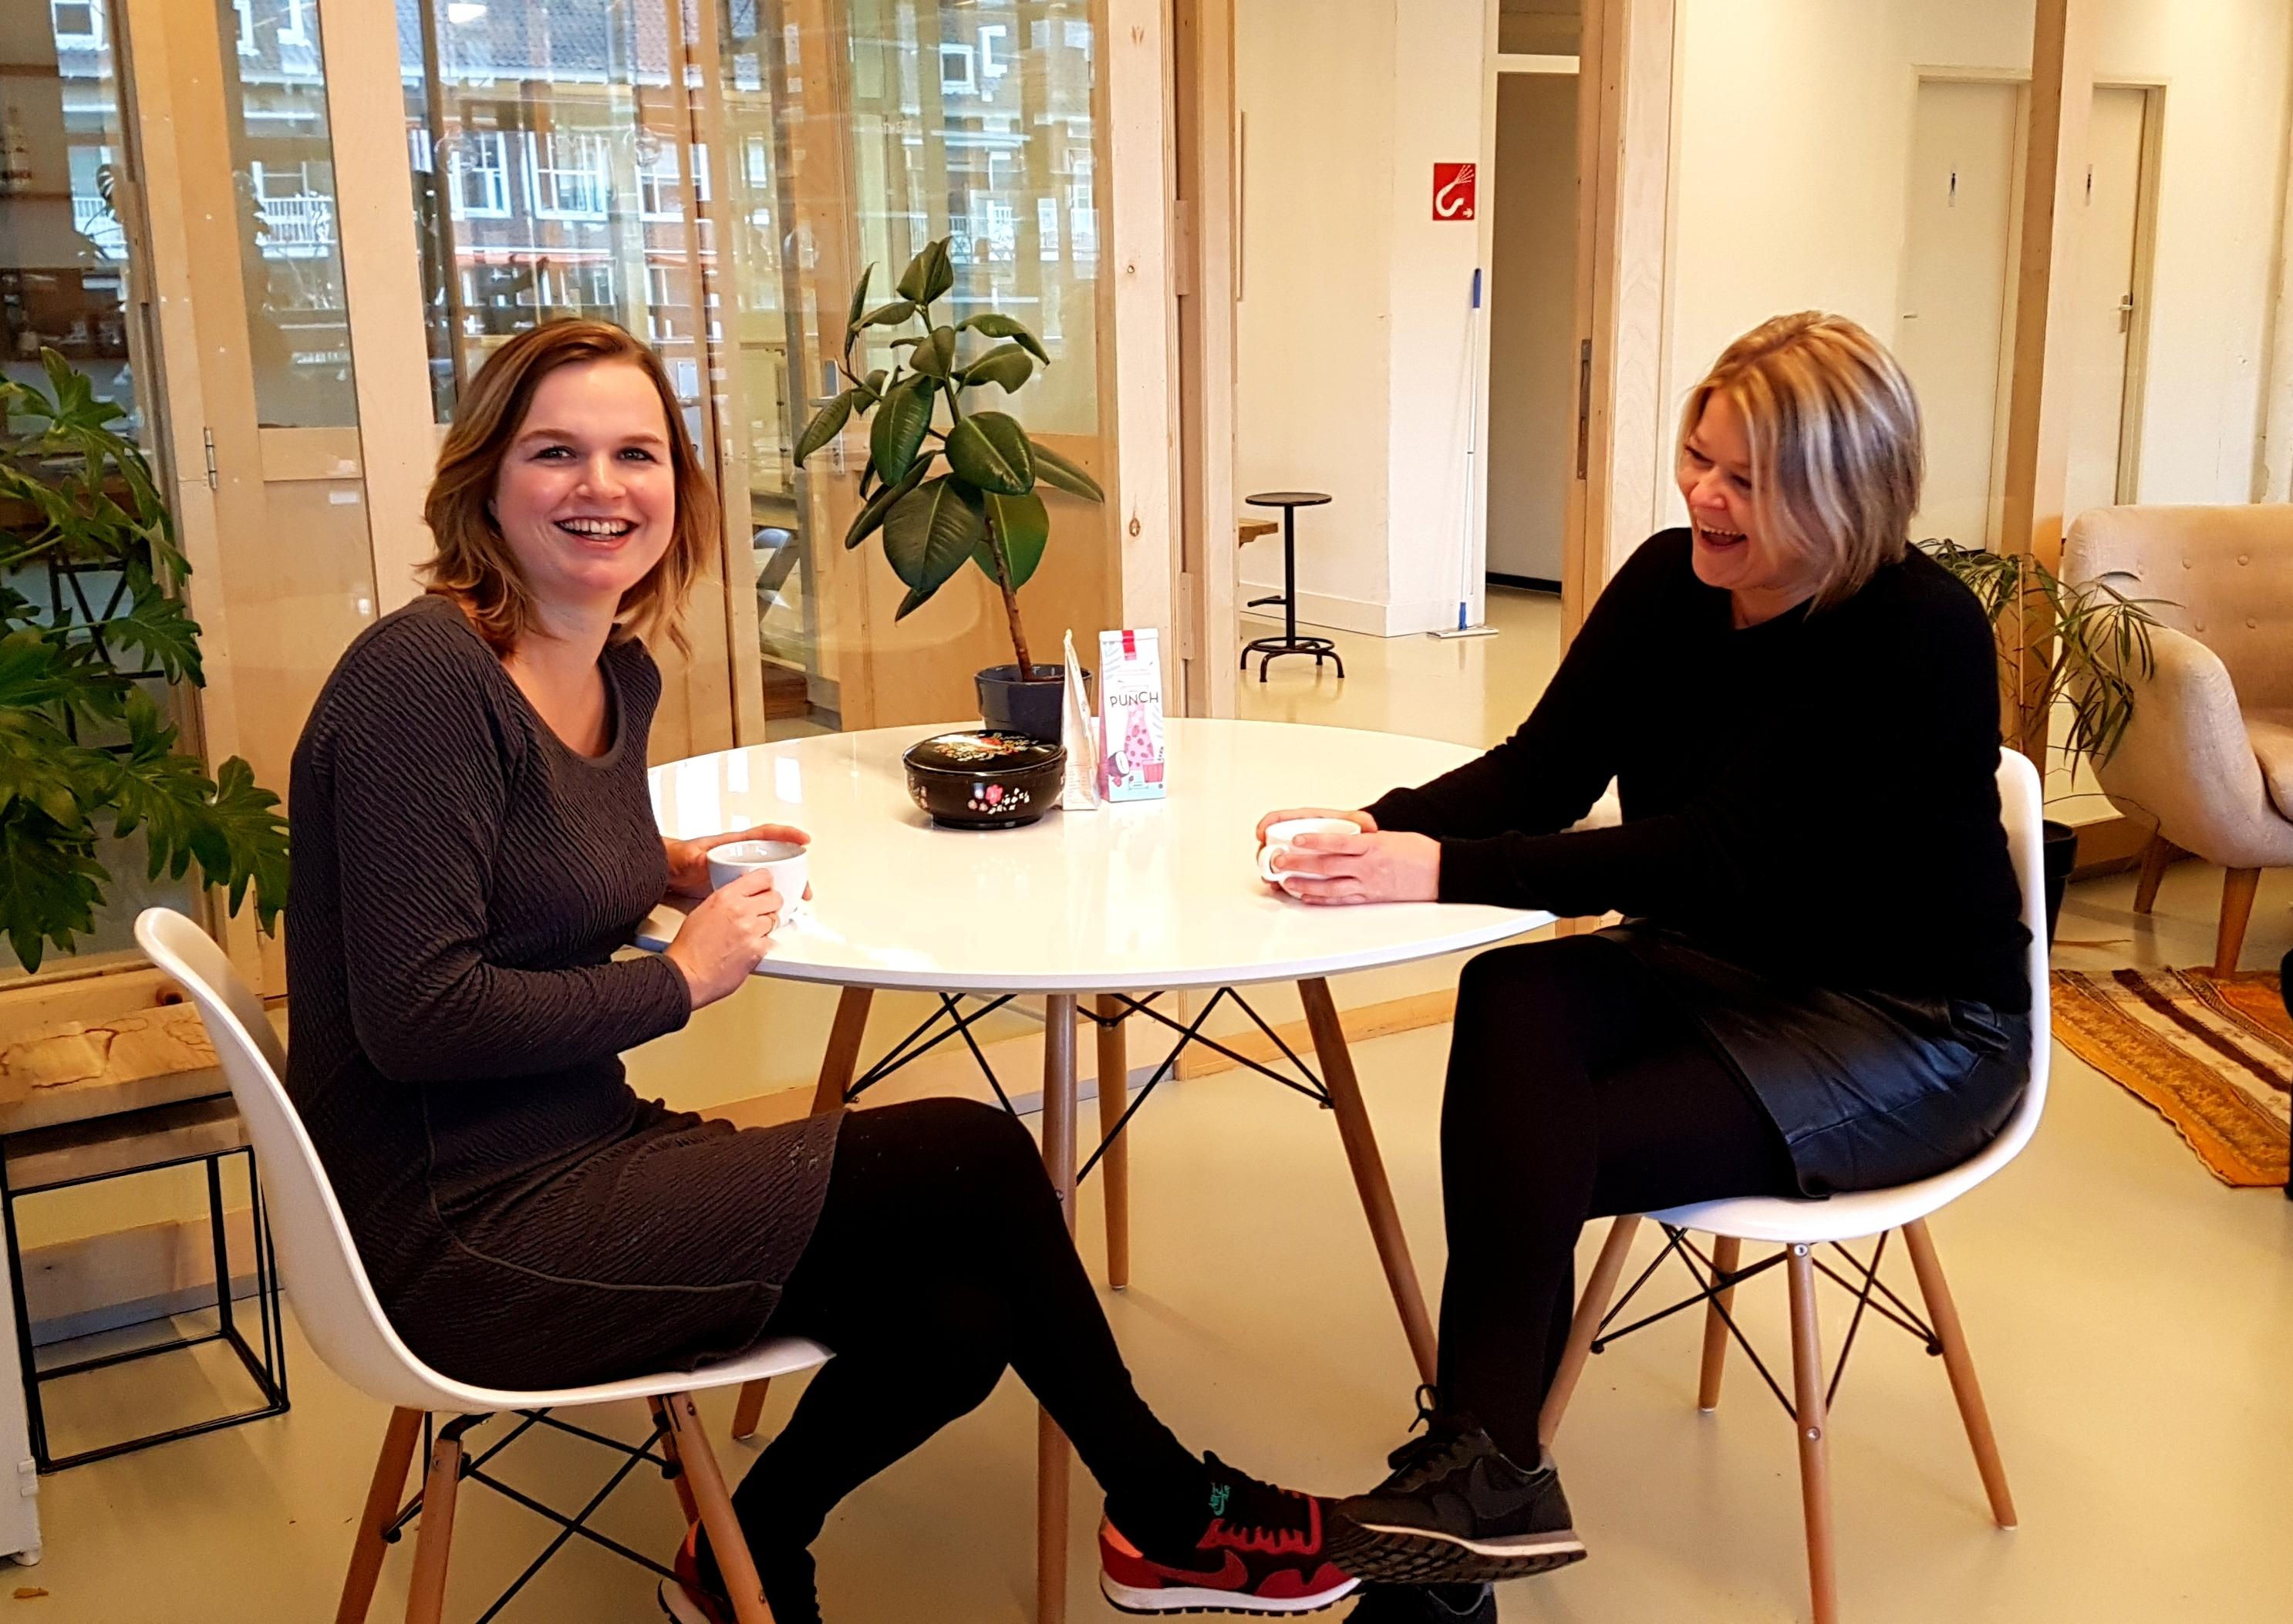 soephoofd werkt samen met Pineut aan FruitSoepStarter